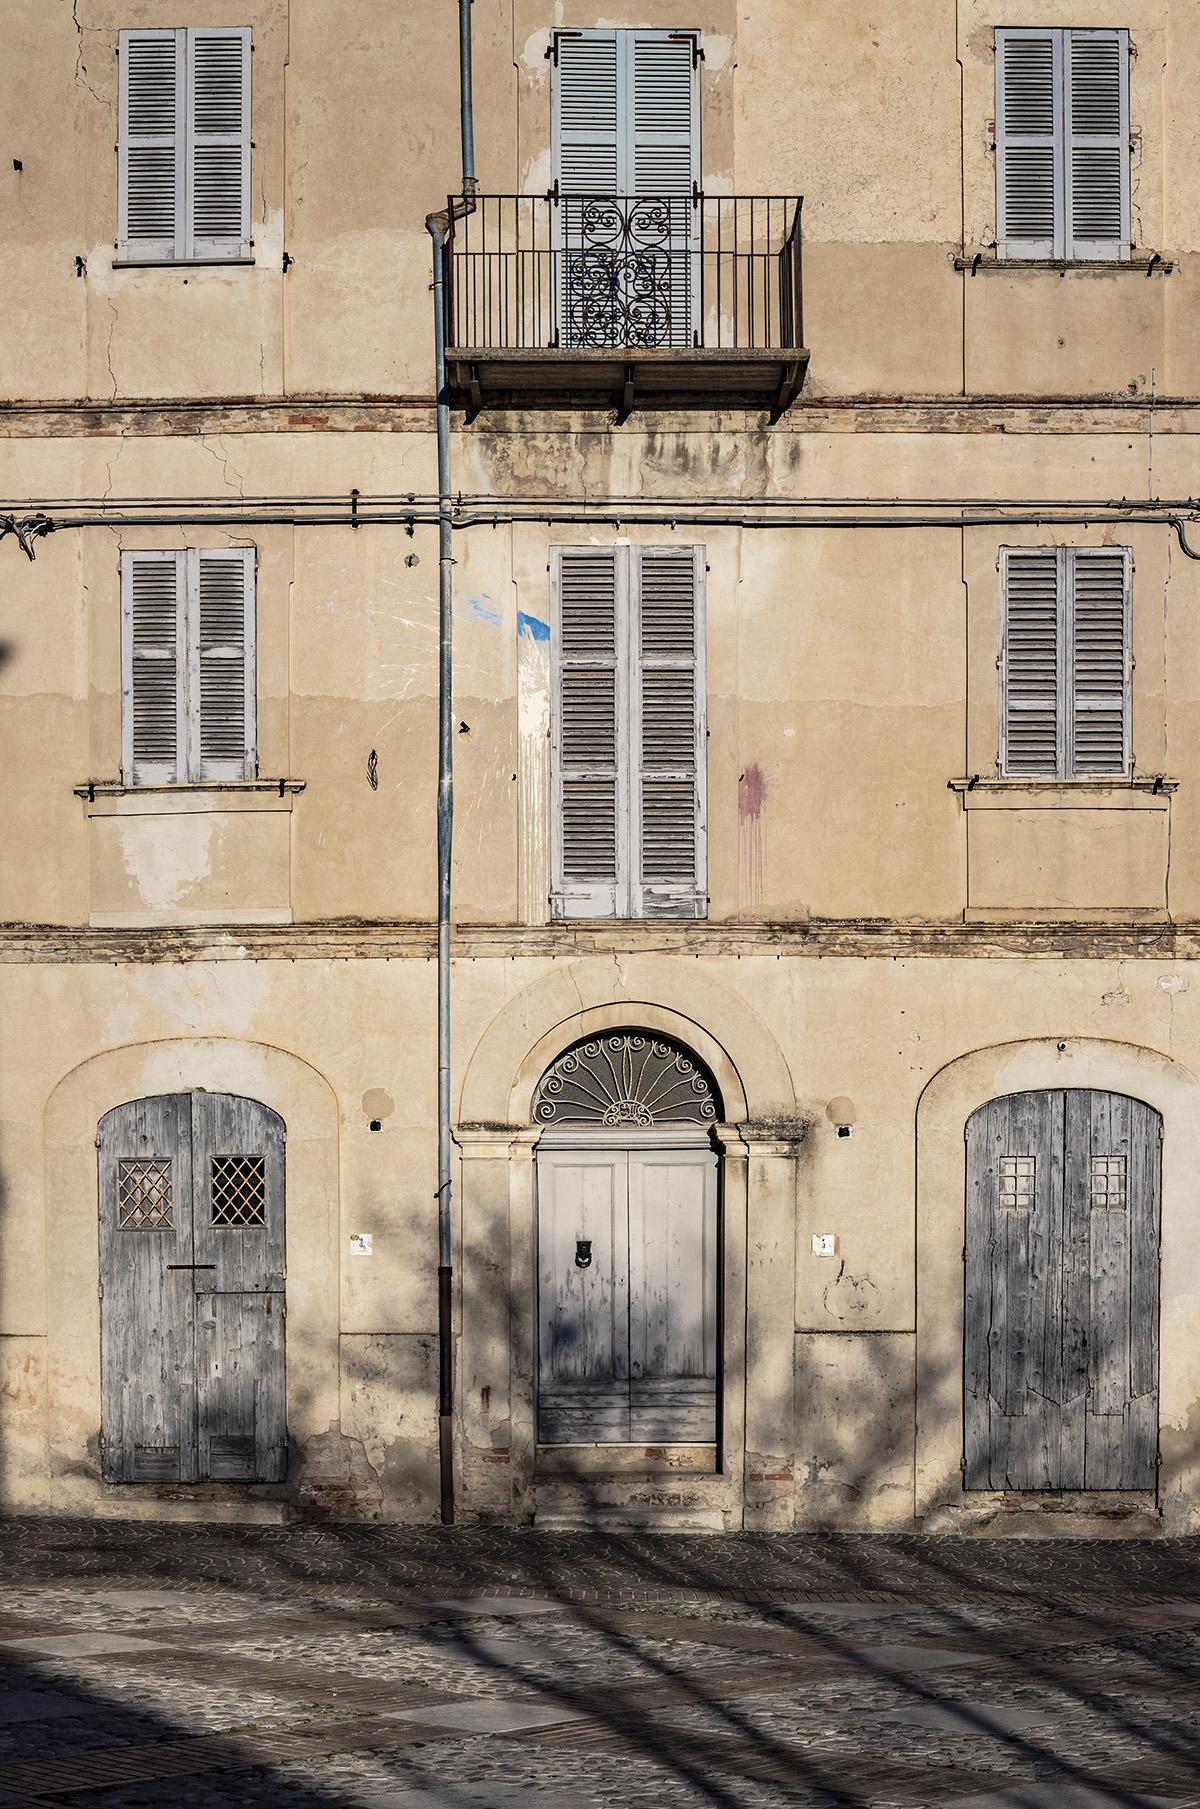 palazzo abruzzese